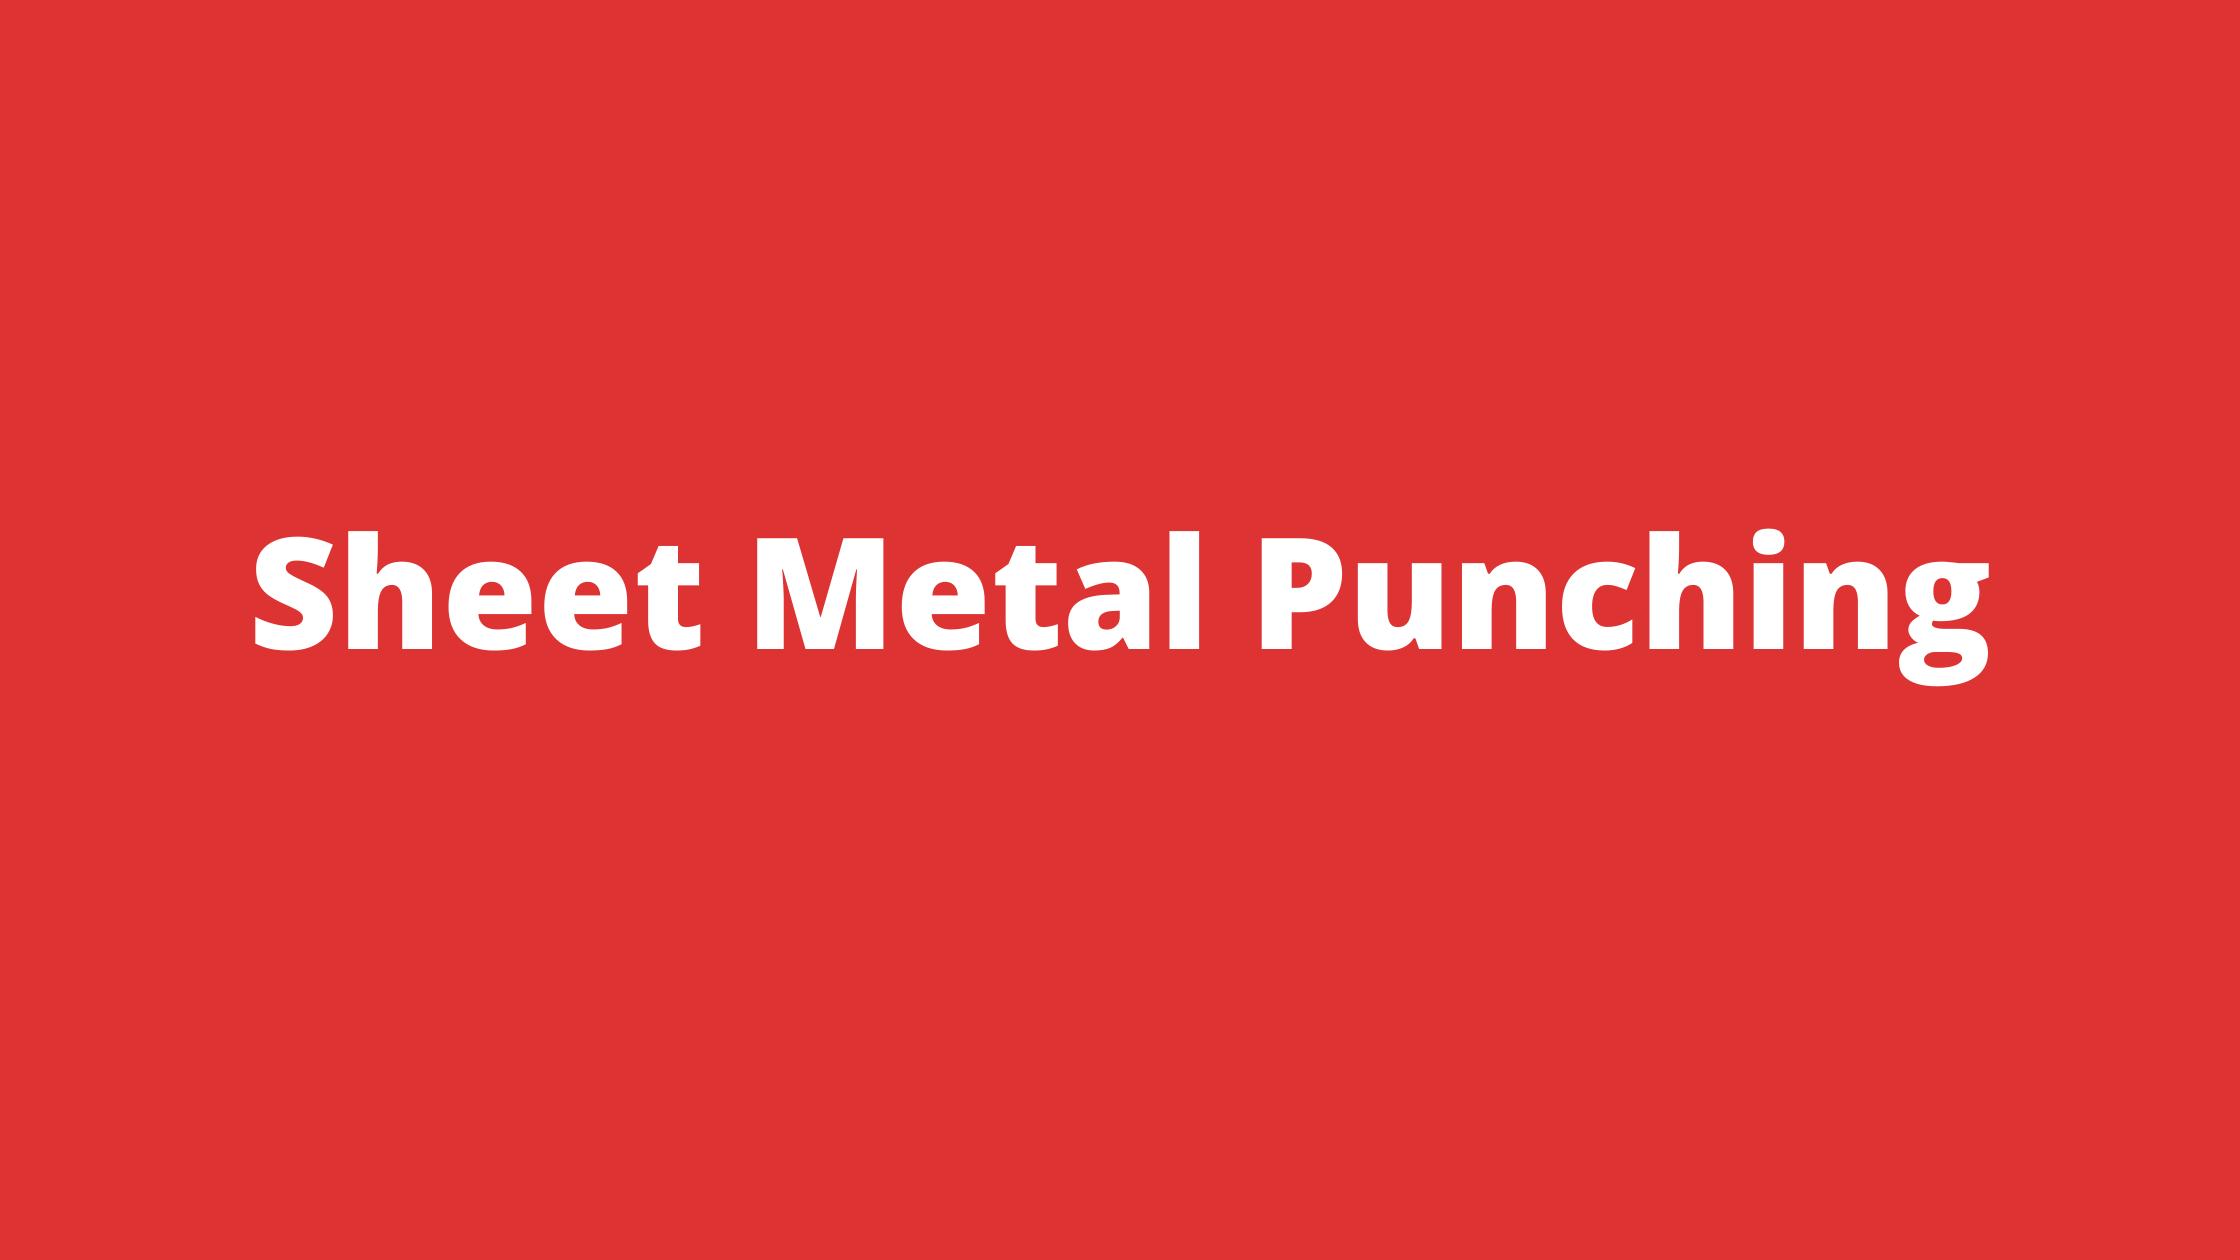 What is Sheet Metal Punching